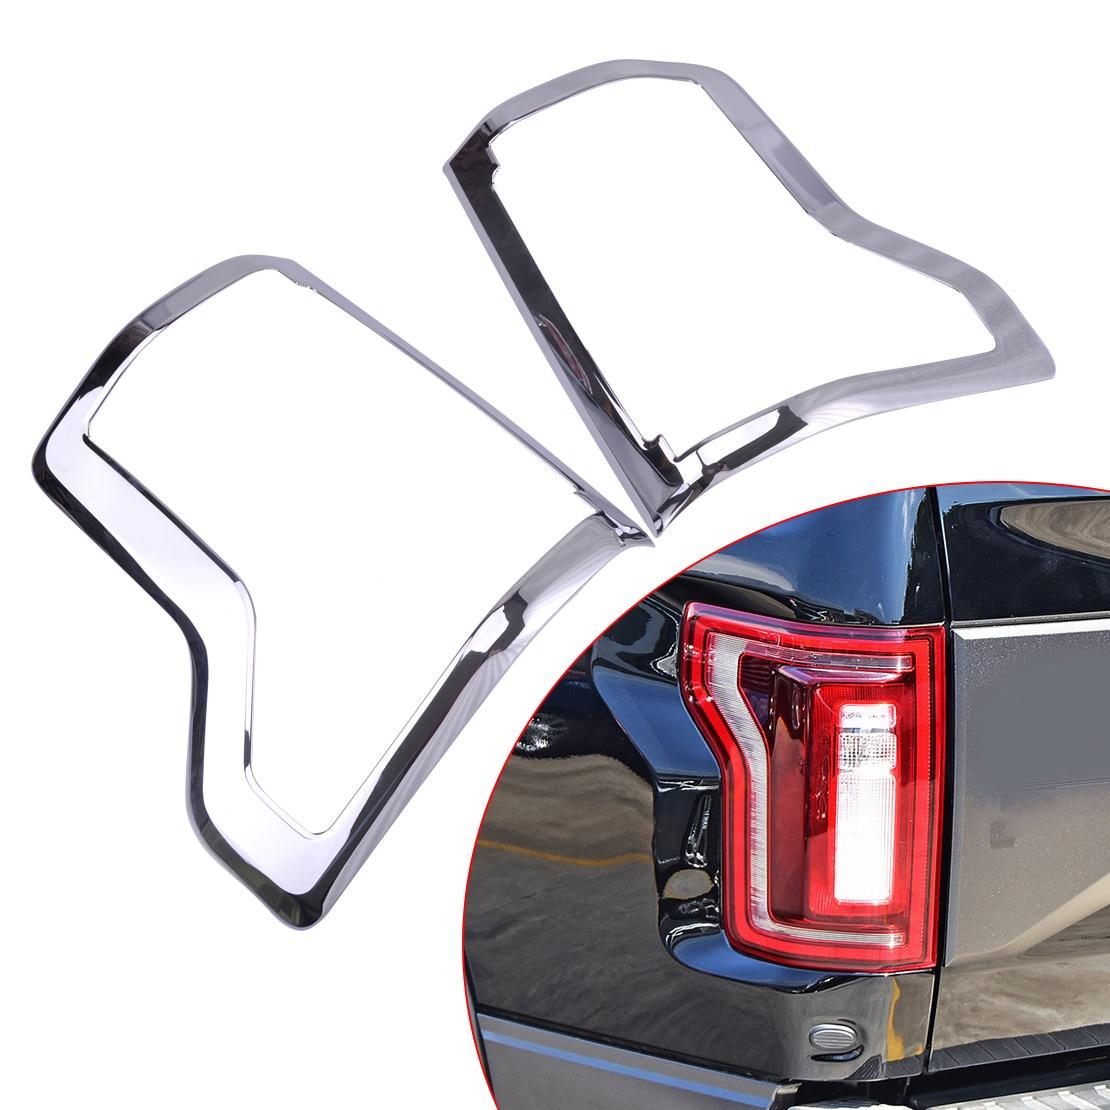 Beler Jumelé Chrome feu arrière Lampe Pare-chocs Capot Couverture Garniture Lunette Cadre Moulage Garnish idéal pour Ford F150 2015-2019